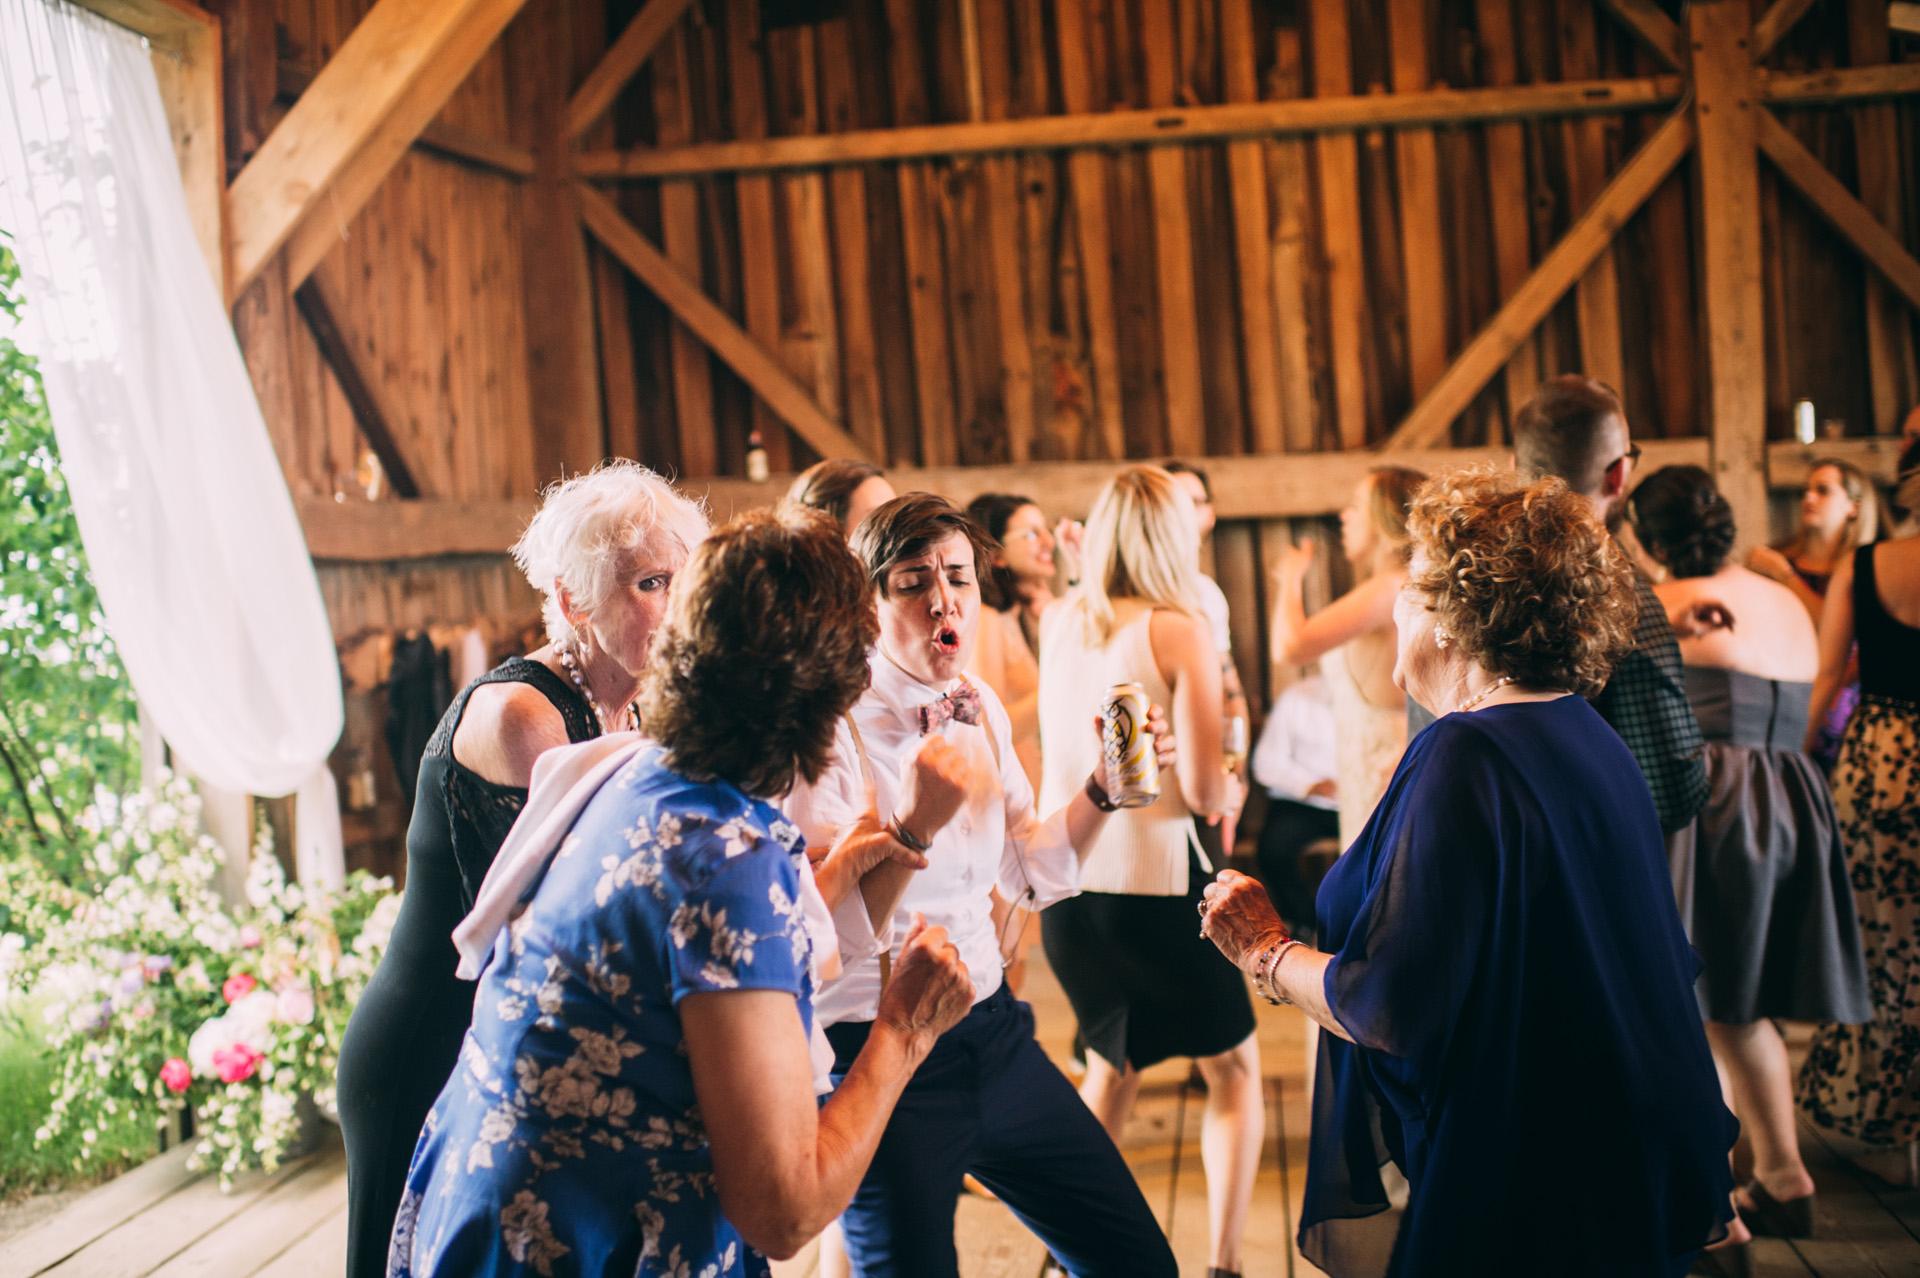 broadturn-farm-wedding-86